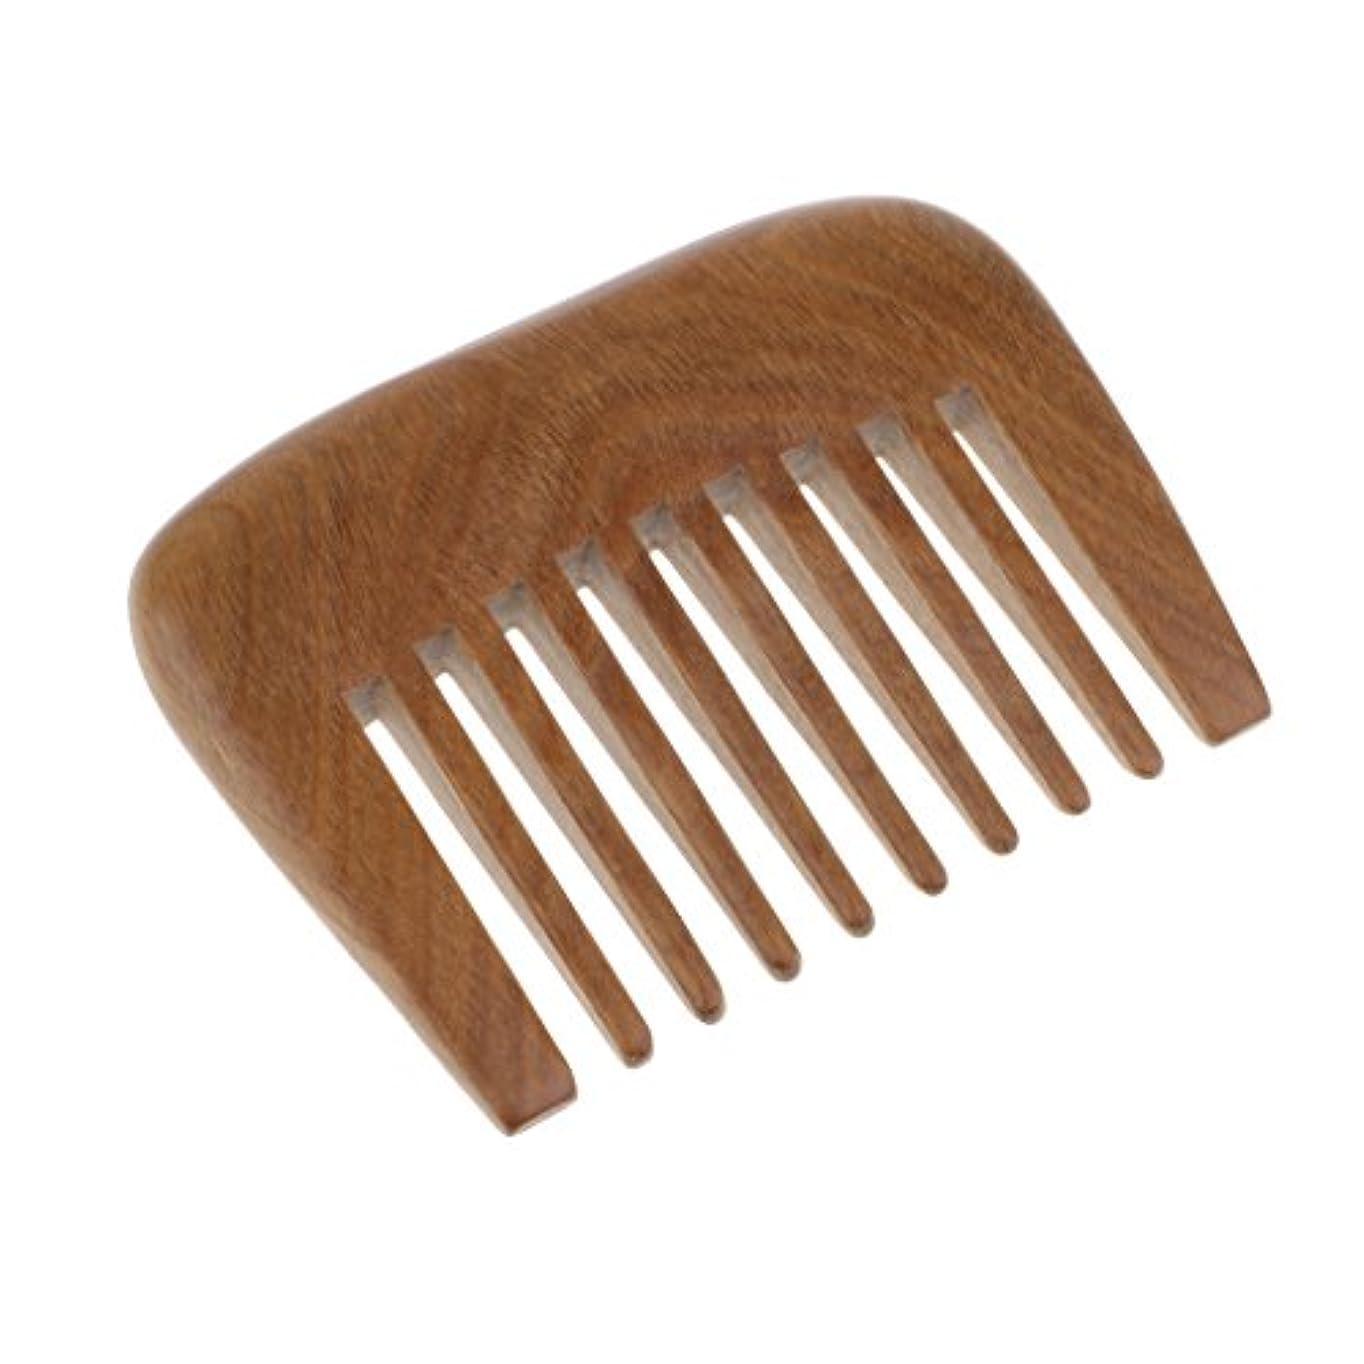 歪める置換塩辛い木の櫛ひげの櫛の広い歯の櫛のハンドメイドのビャクダンのポケット櫛